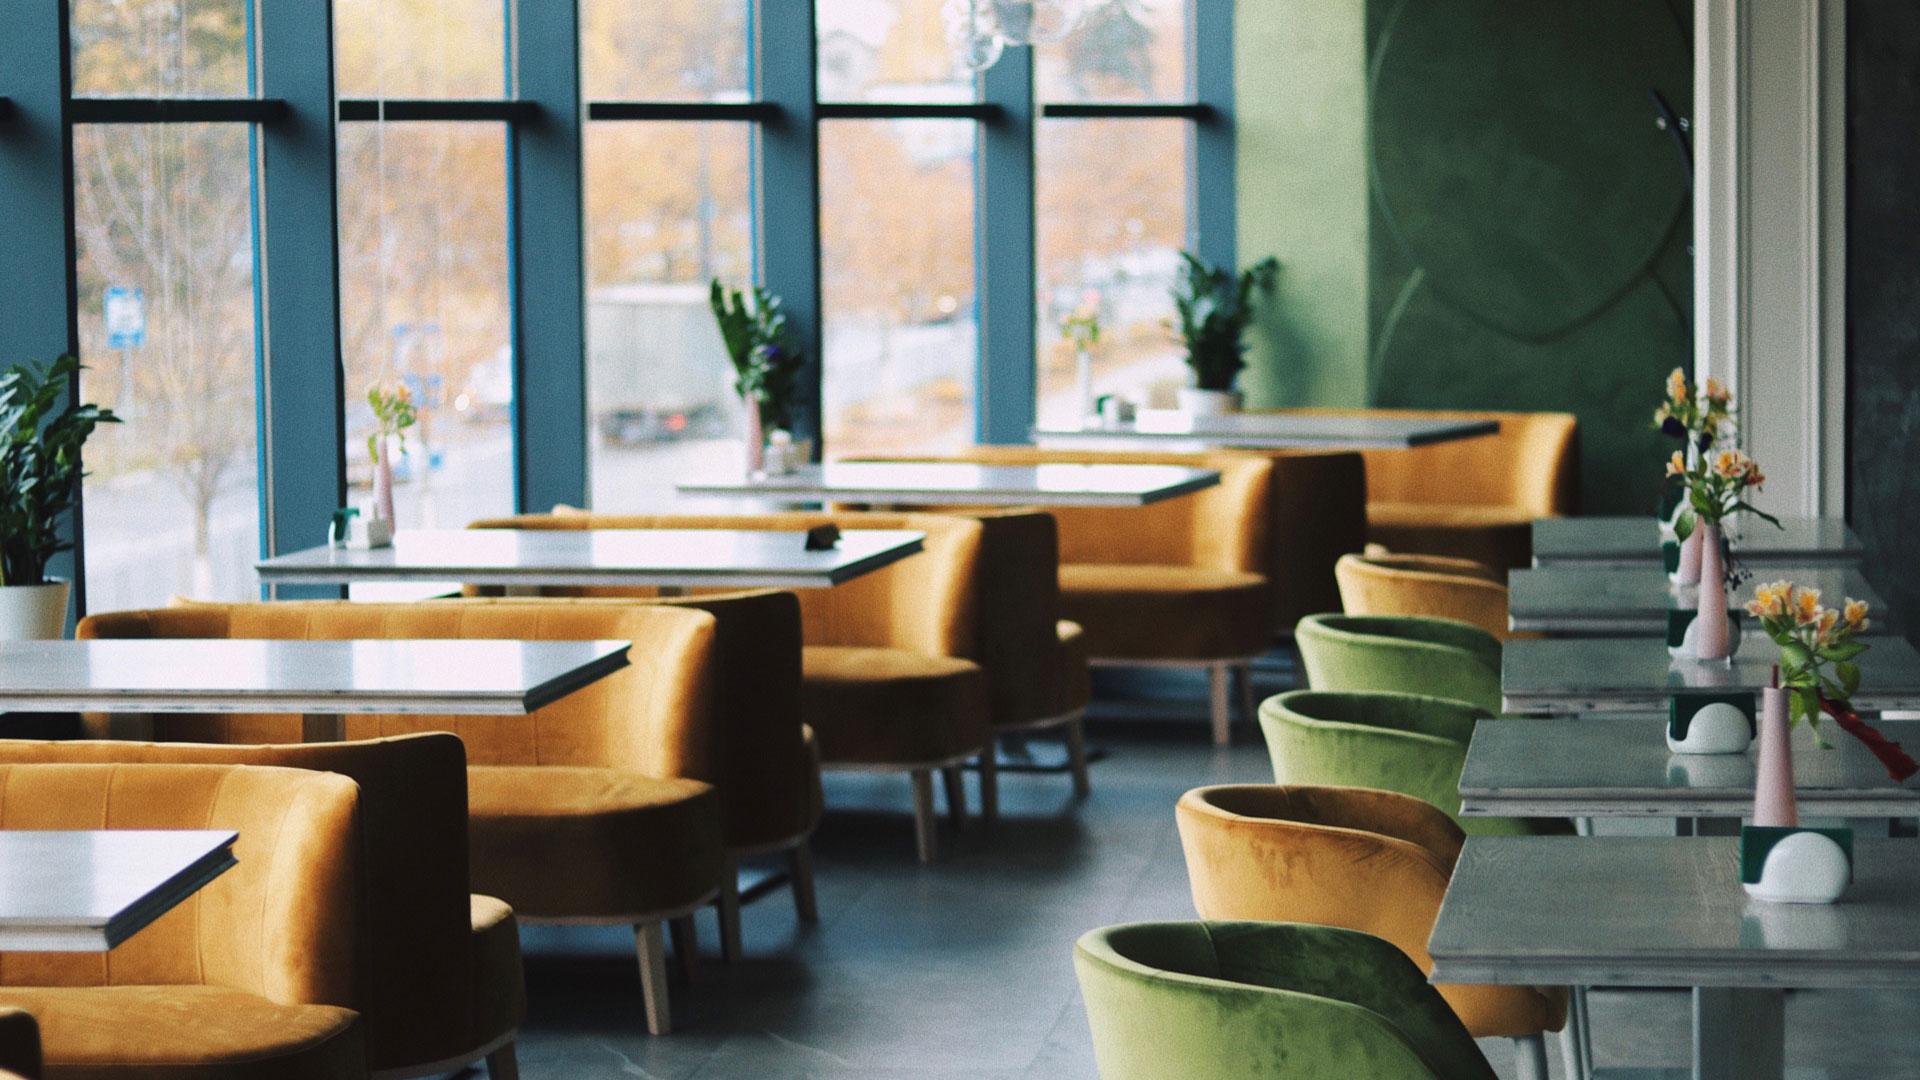 Интерьер кафе-бар Баранка г. Одинцово